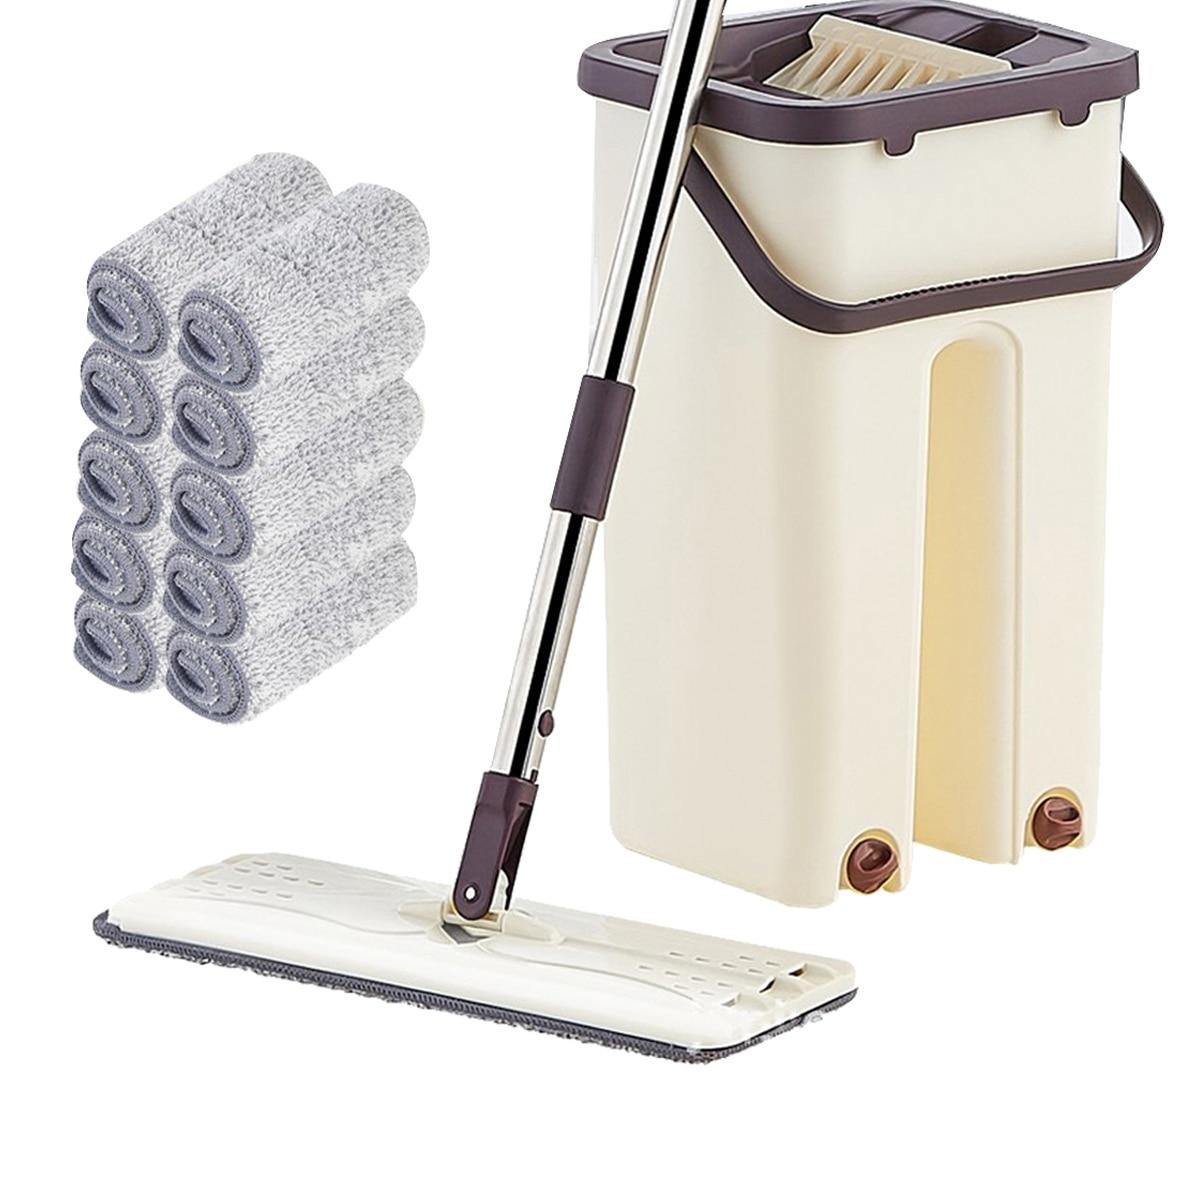 Vadrouille à presser plate et au seau, nettoyage de sol à main sans, vadrouille de nettoyage de sol humide ou sèche, vadrouille à rotation automatique magique, vadrouille à nettoyage automatique